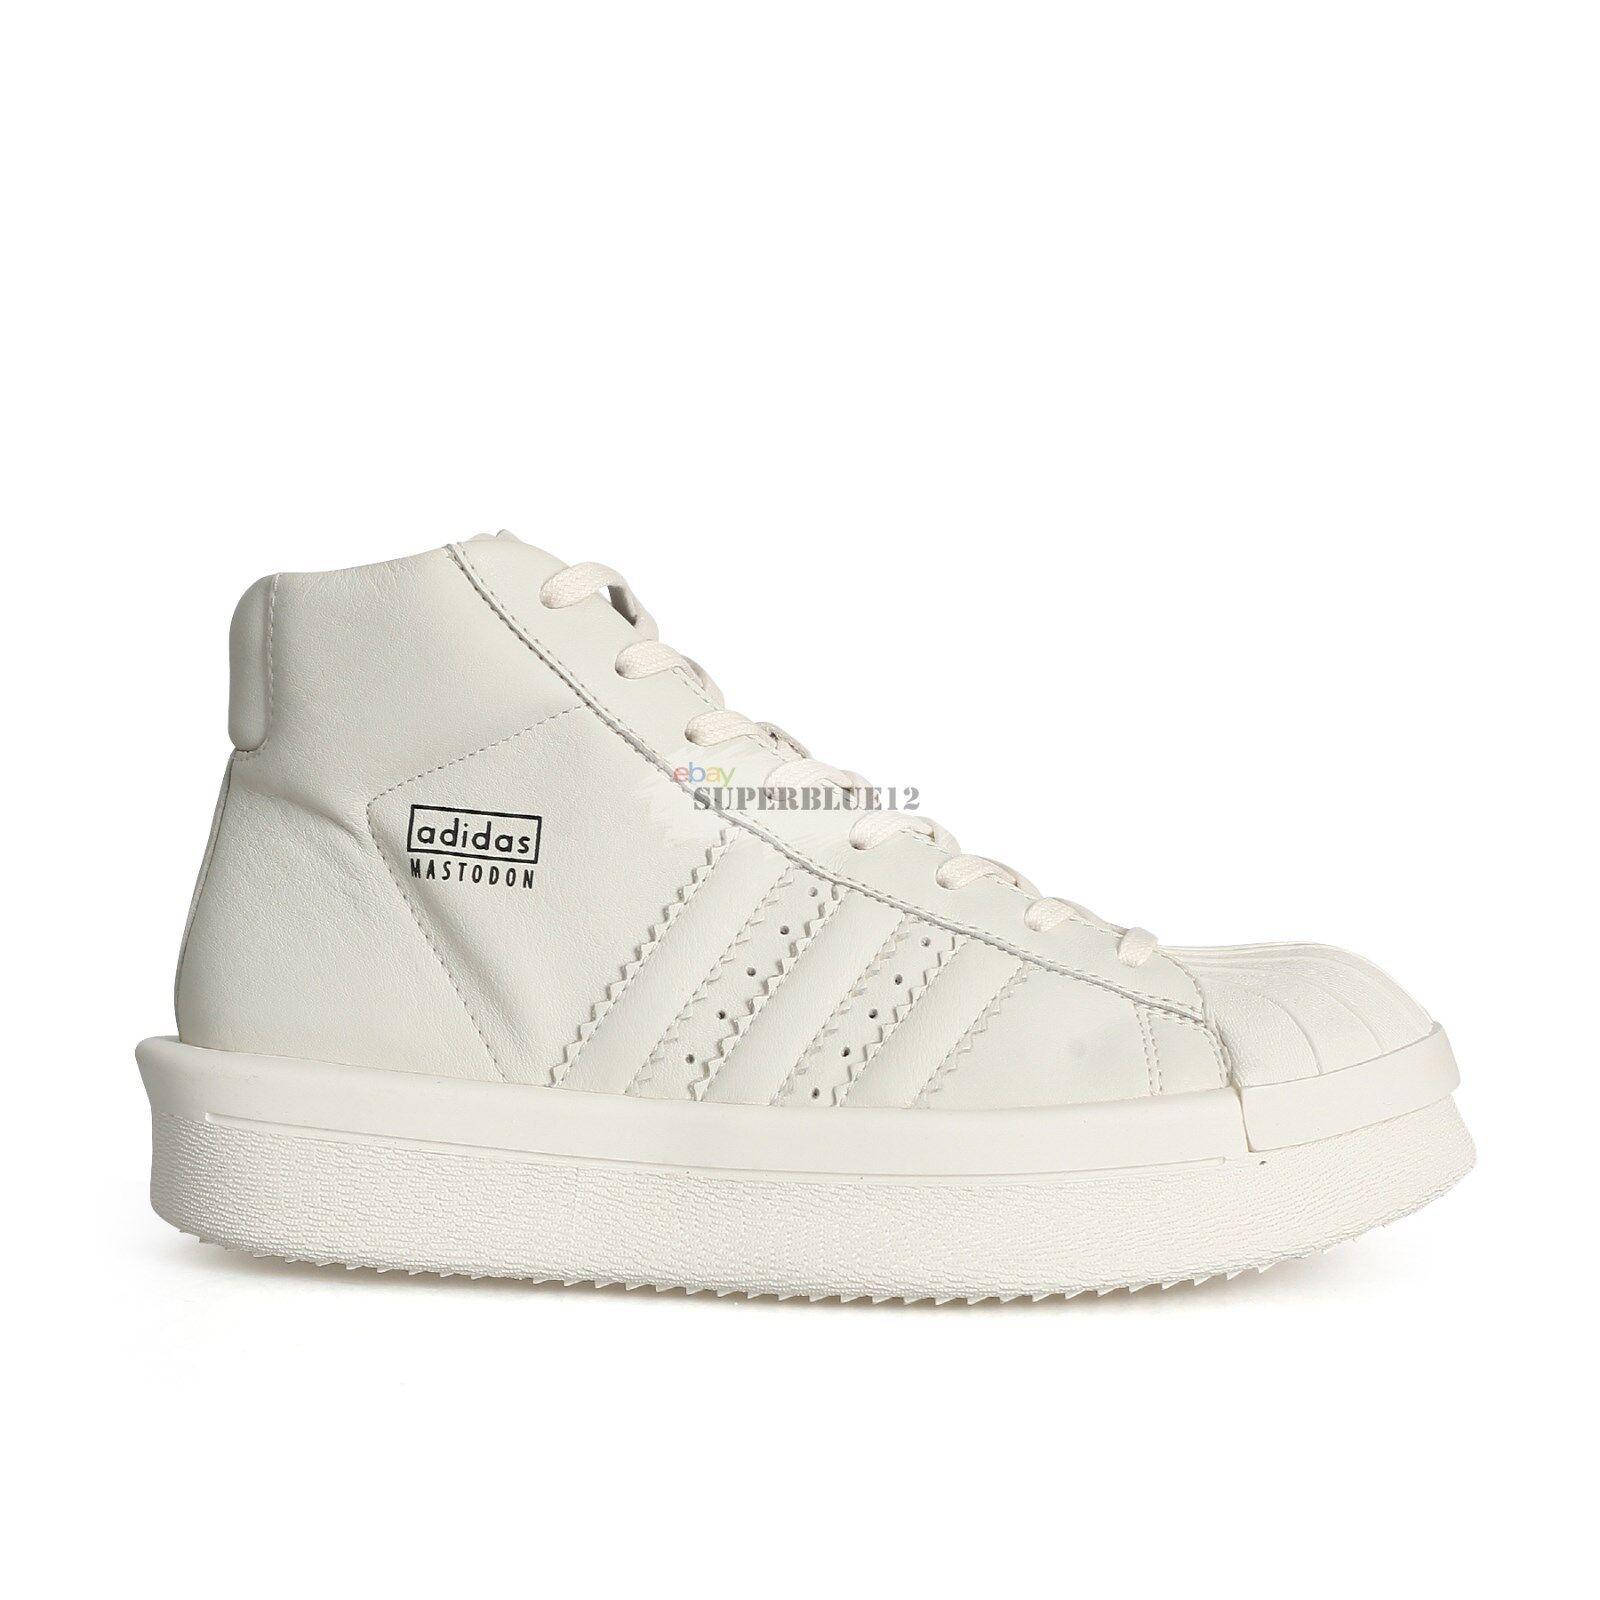 pretty nice 85b2c 6ebbc Rick owens x adidas adidas x mastodonte (modello di latte